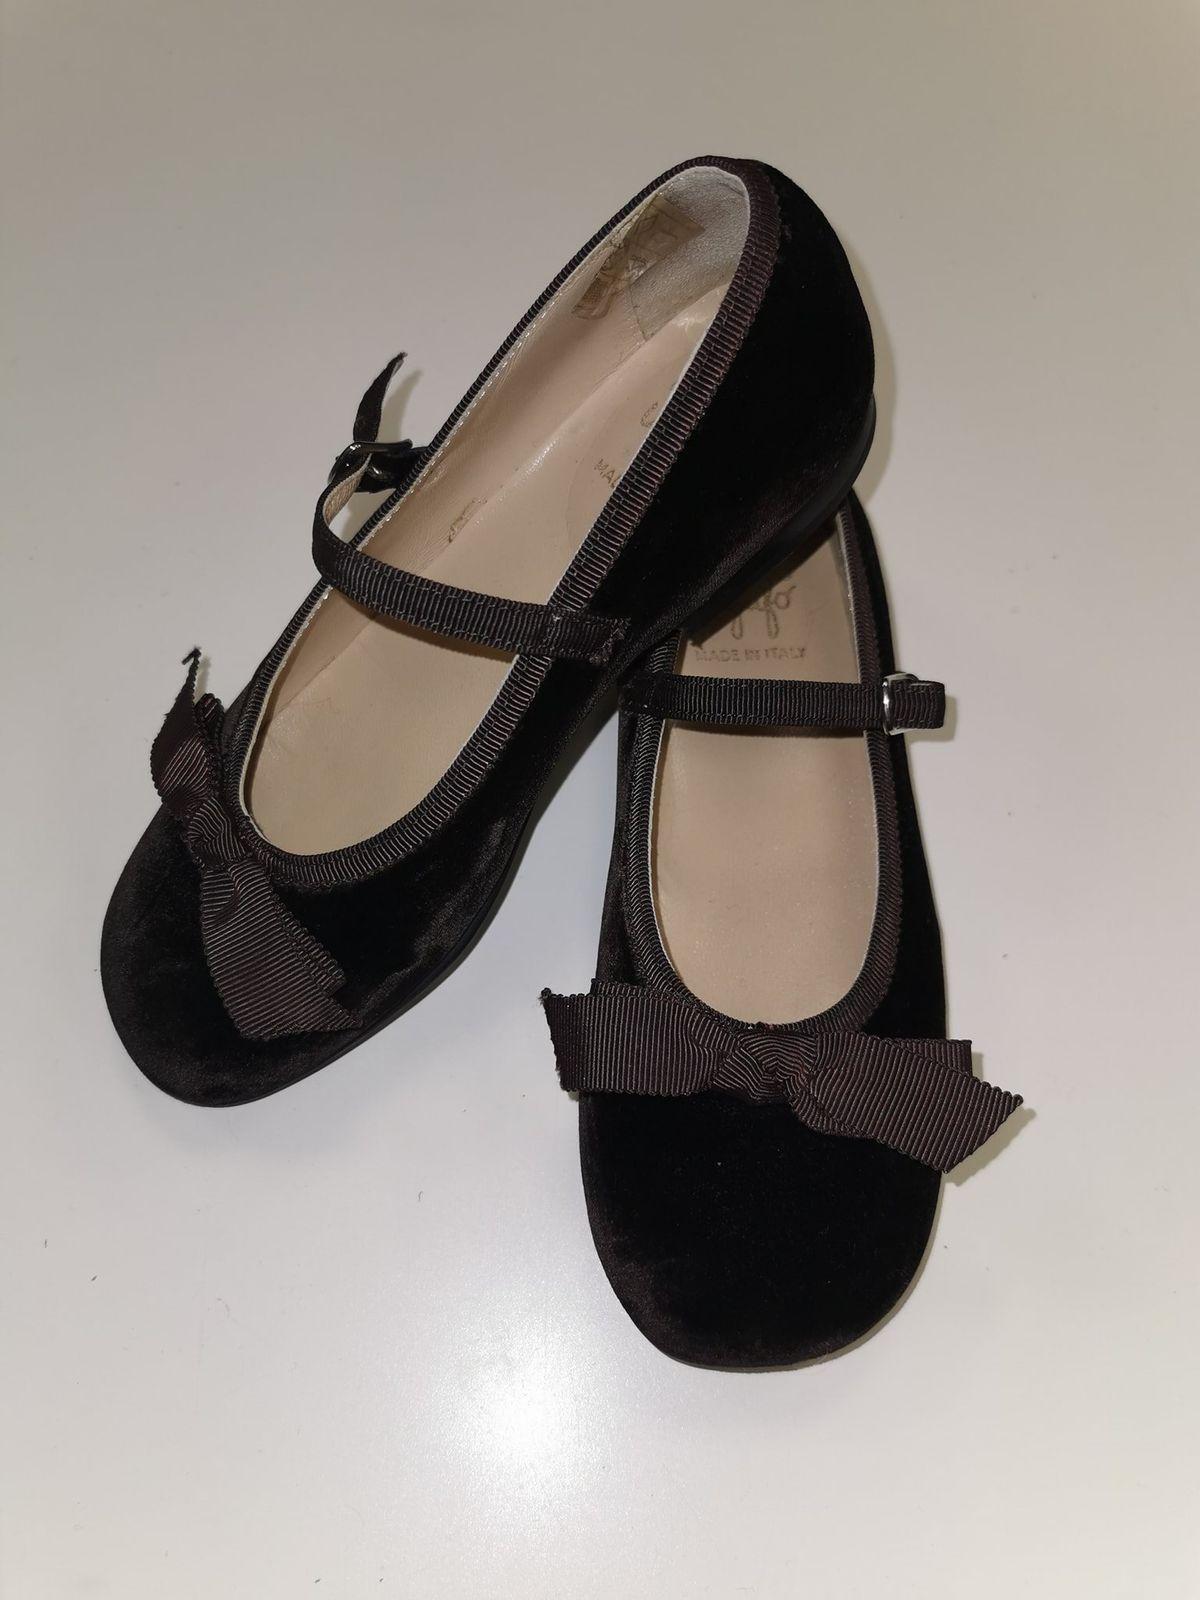 Il gufo scarpe pari al nuovo N 30 11025 Euro 45,00